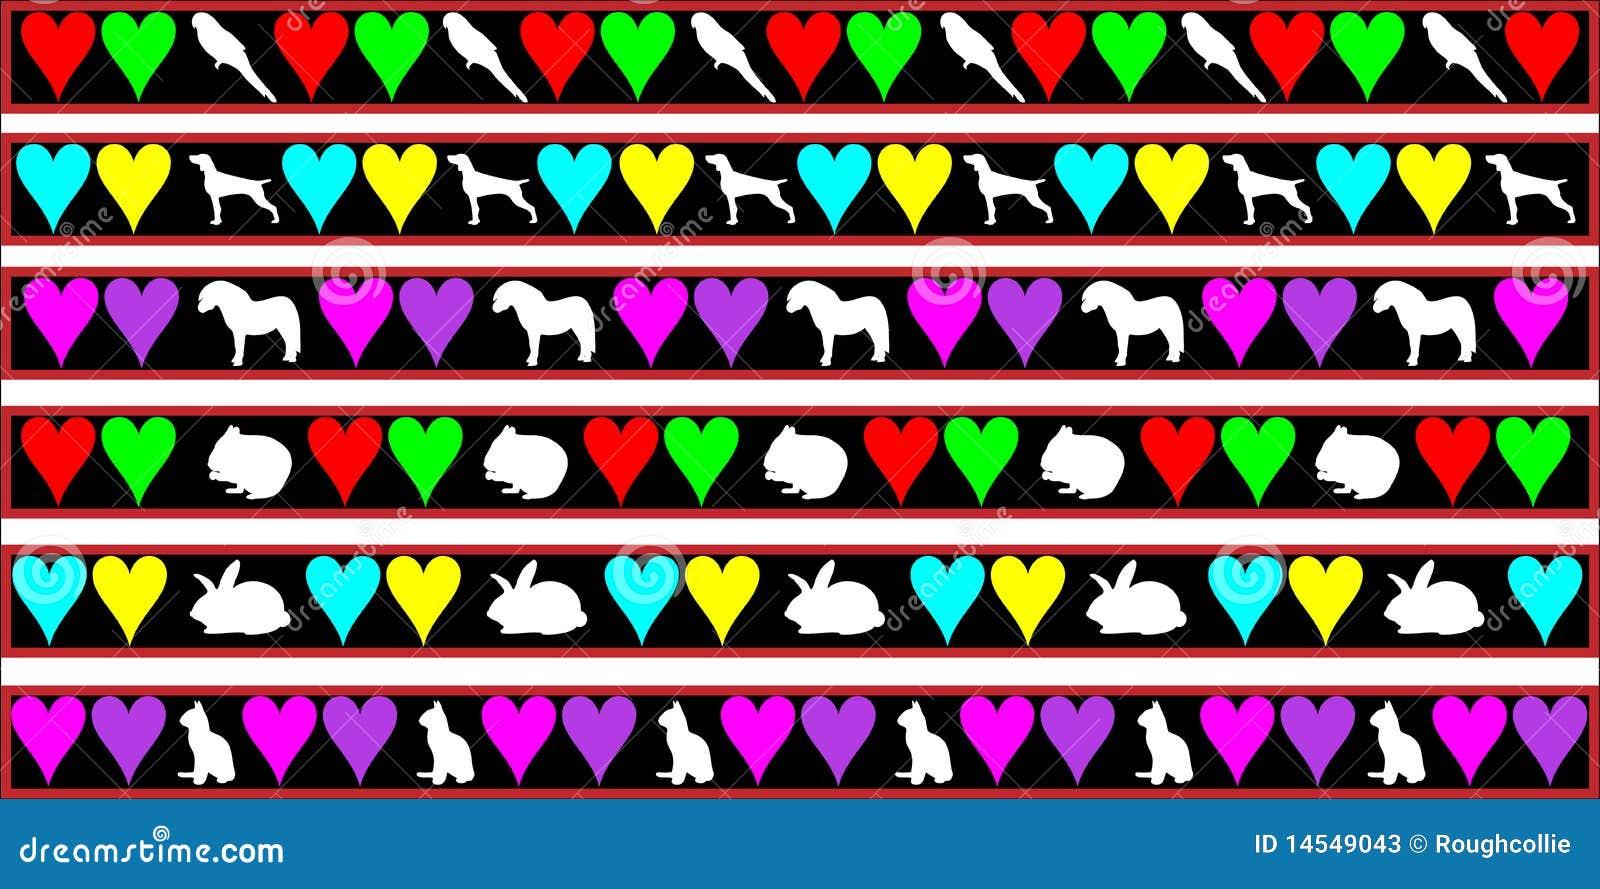 pets  dog  cat  rabbit border stock photos